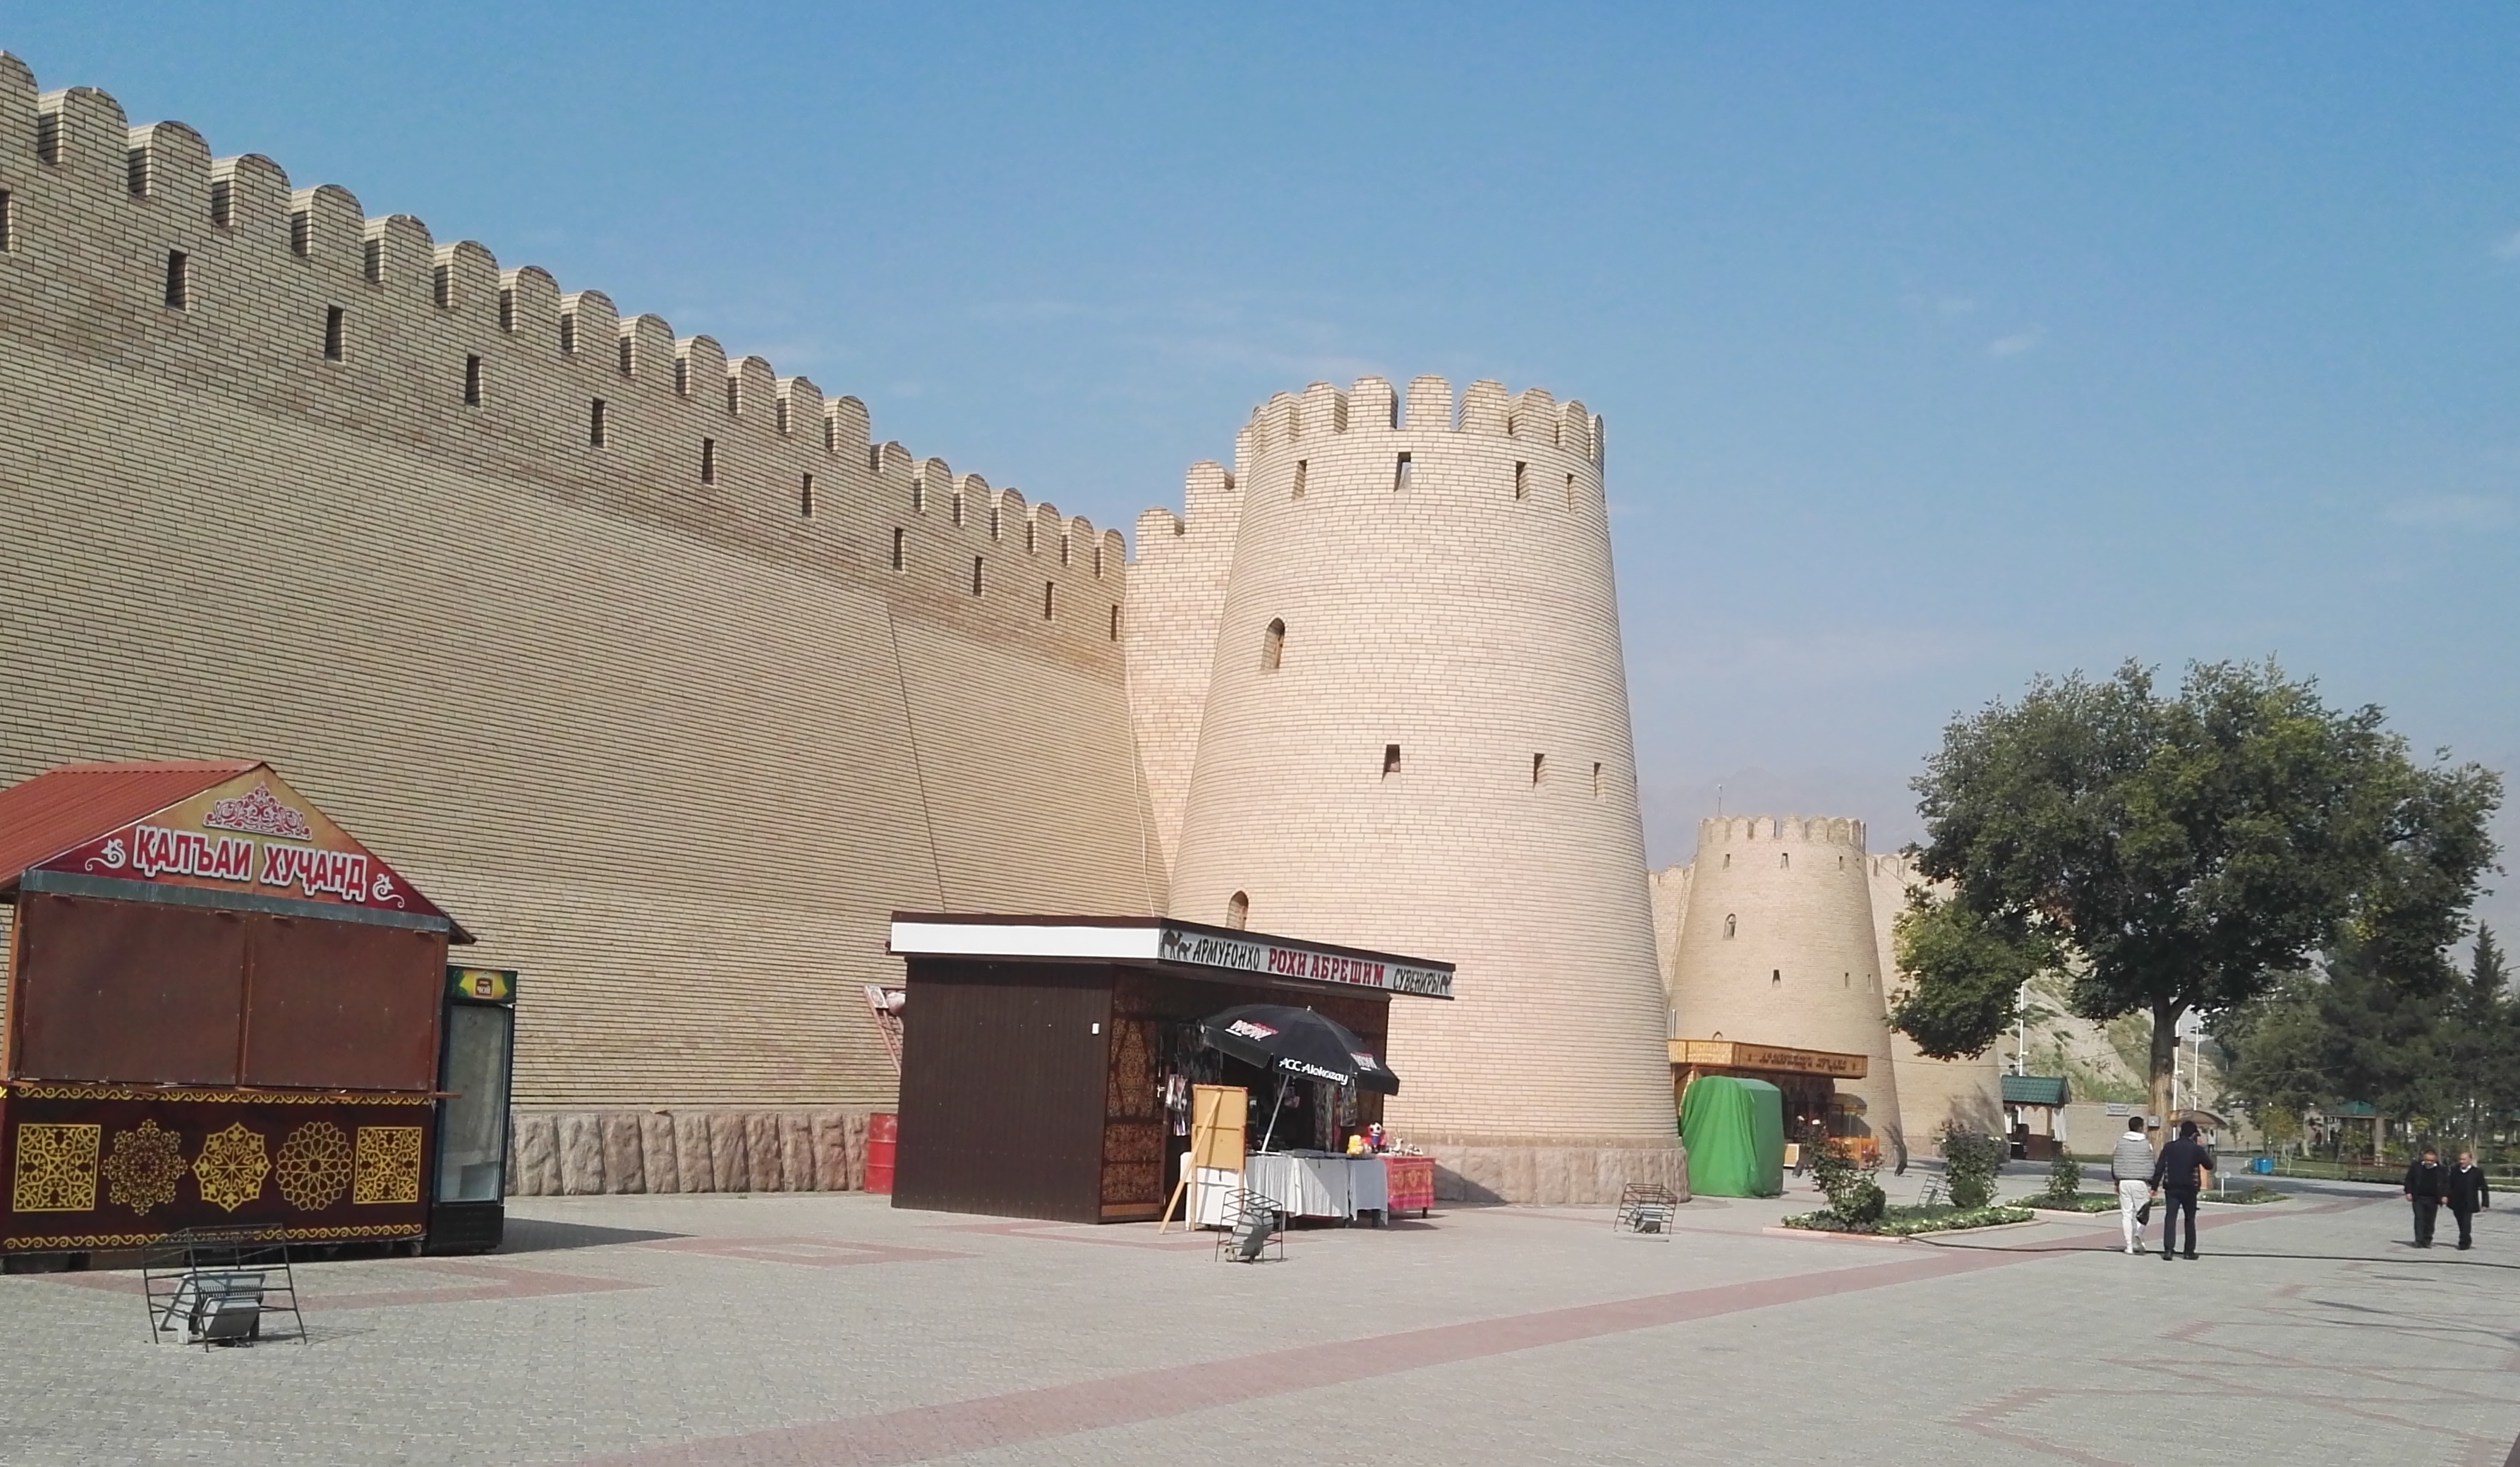 В ходе трехдневного путешествия туристы посетили крепость Хисор, архитектурный монумент, датируемый 600-500 гг до н.э. Его восстановили в 2000-х. Крепость снята 12 октября. [Негматулло Мирсаидов]